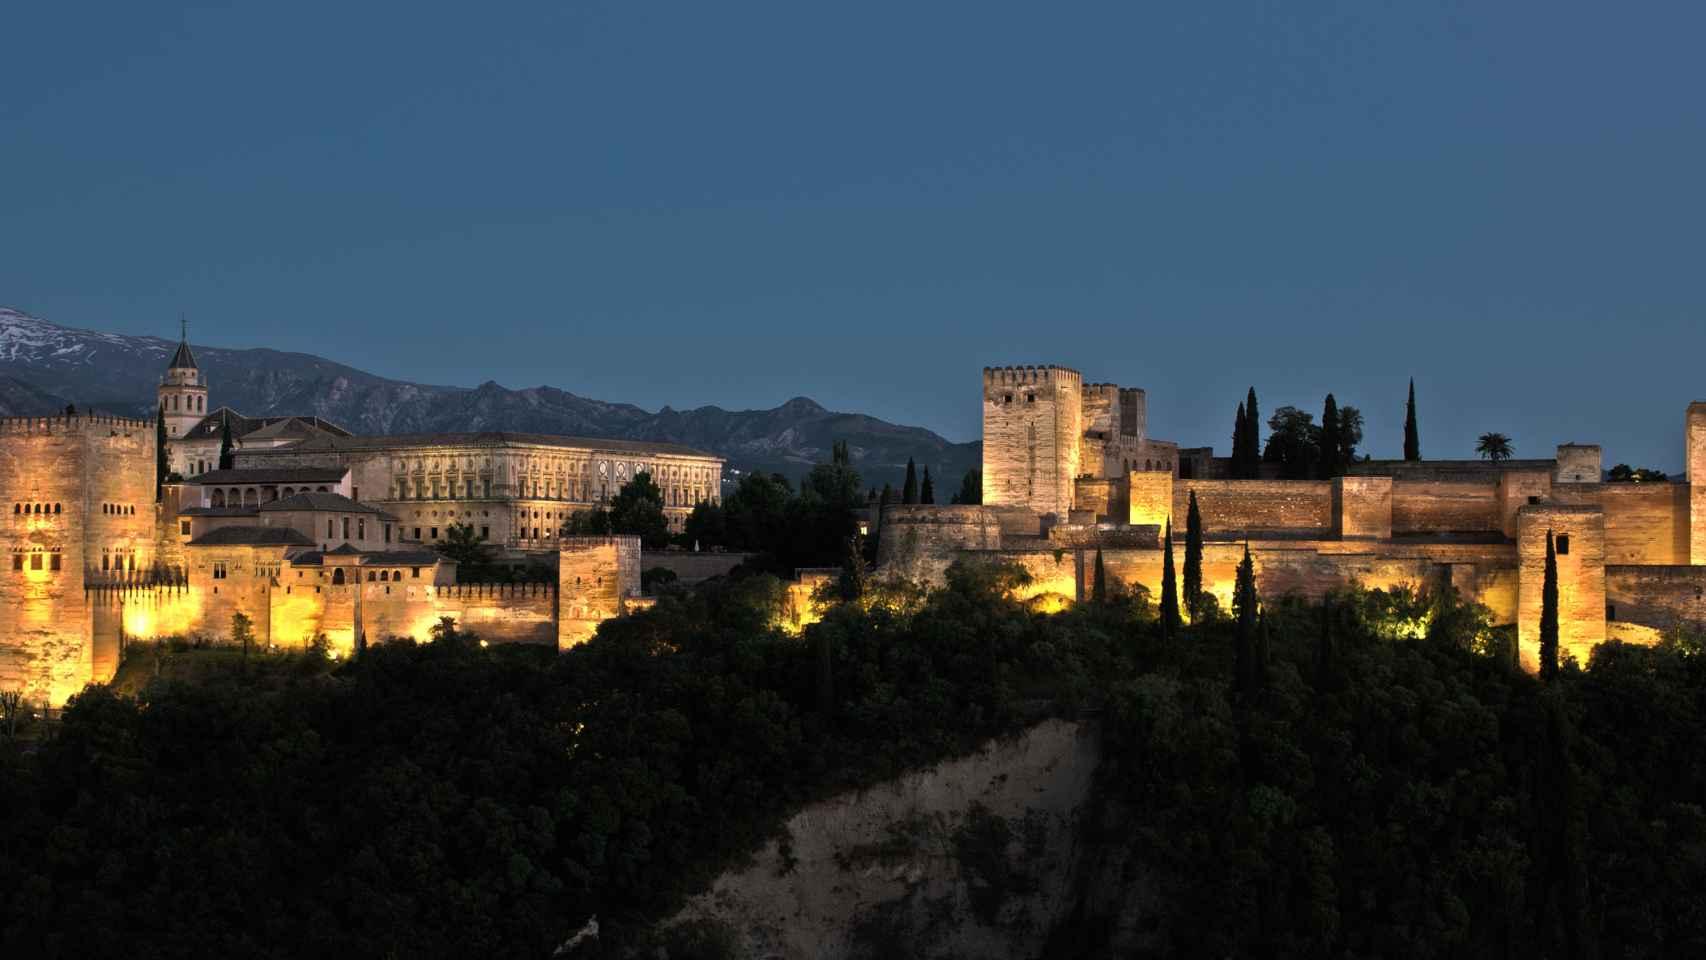 Vista de la Alhambra en Granada.